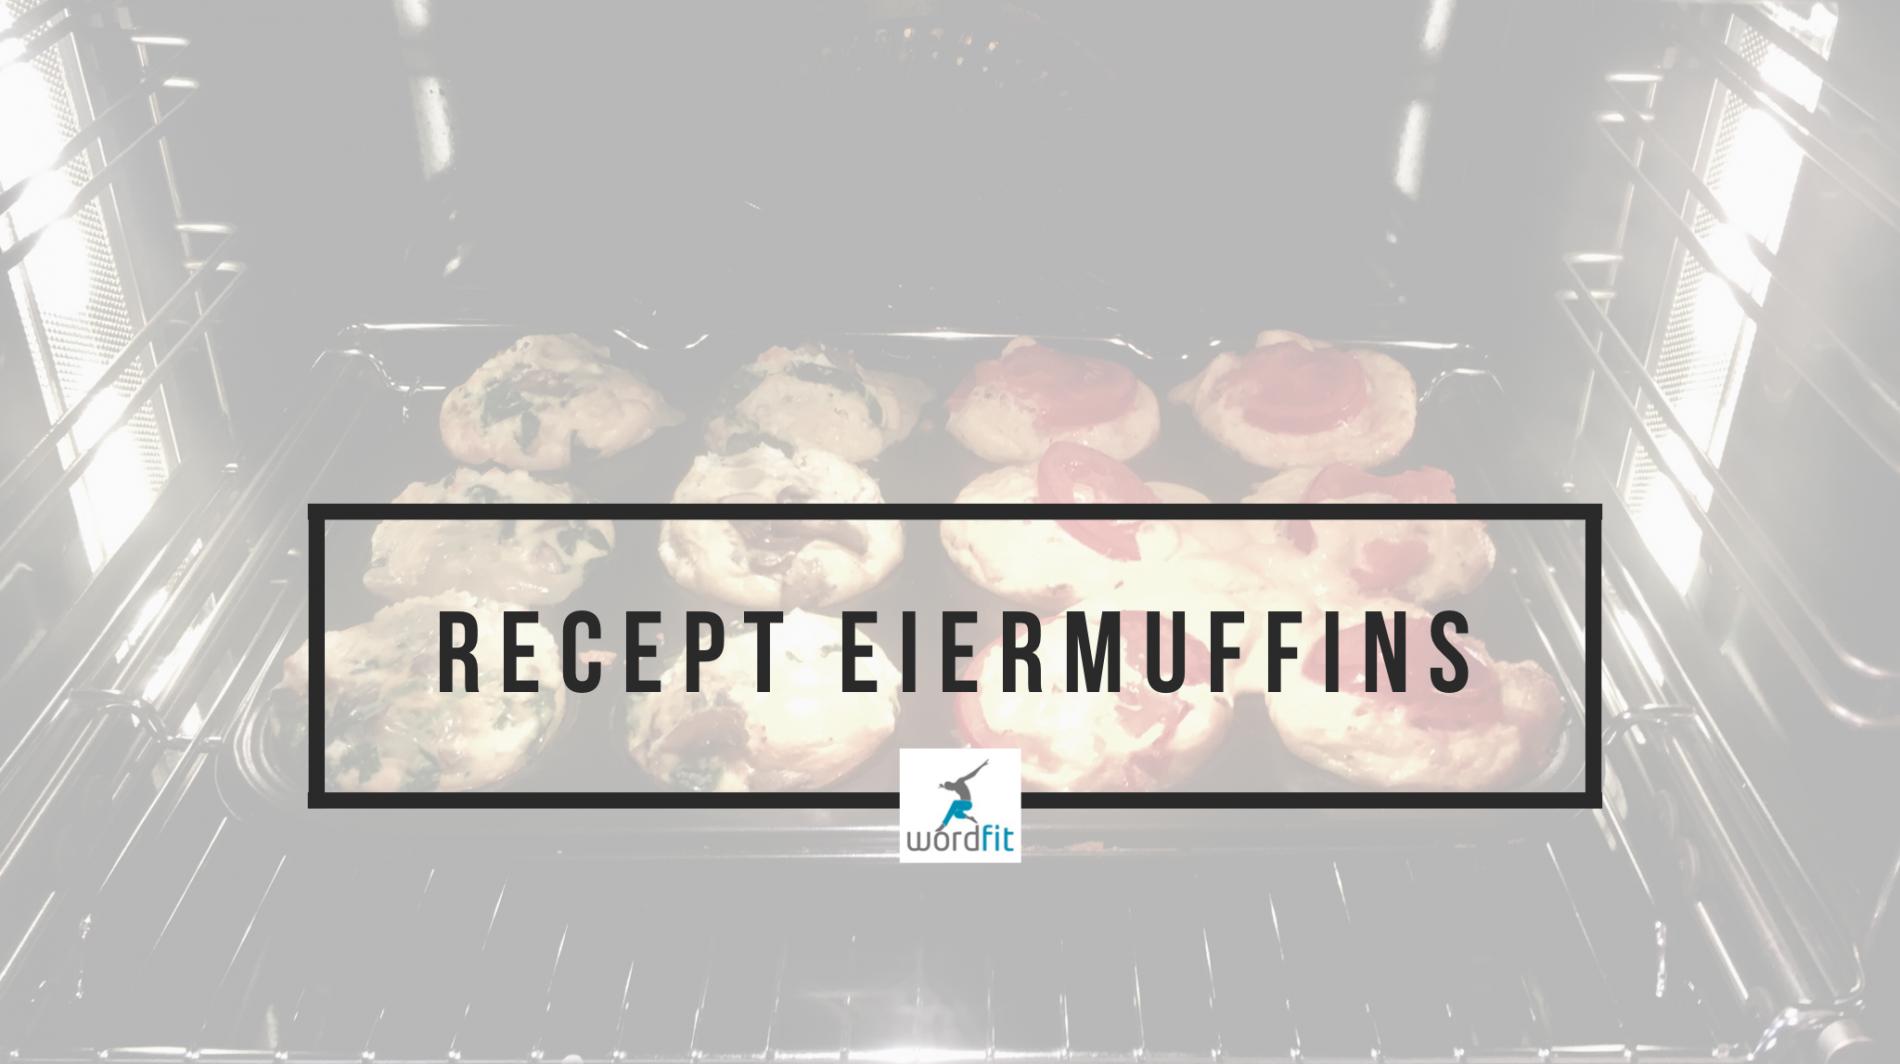 Recept eiermuffins